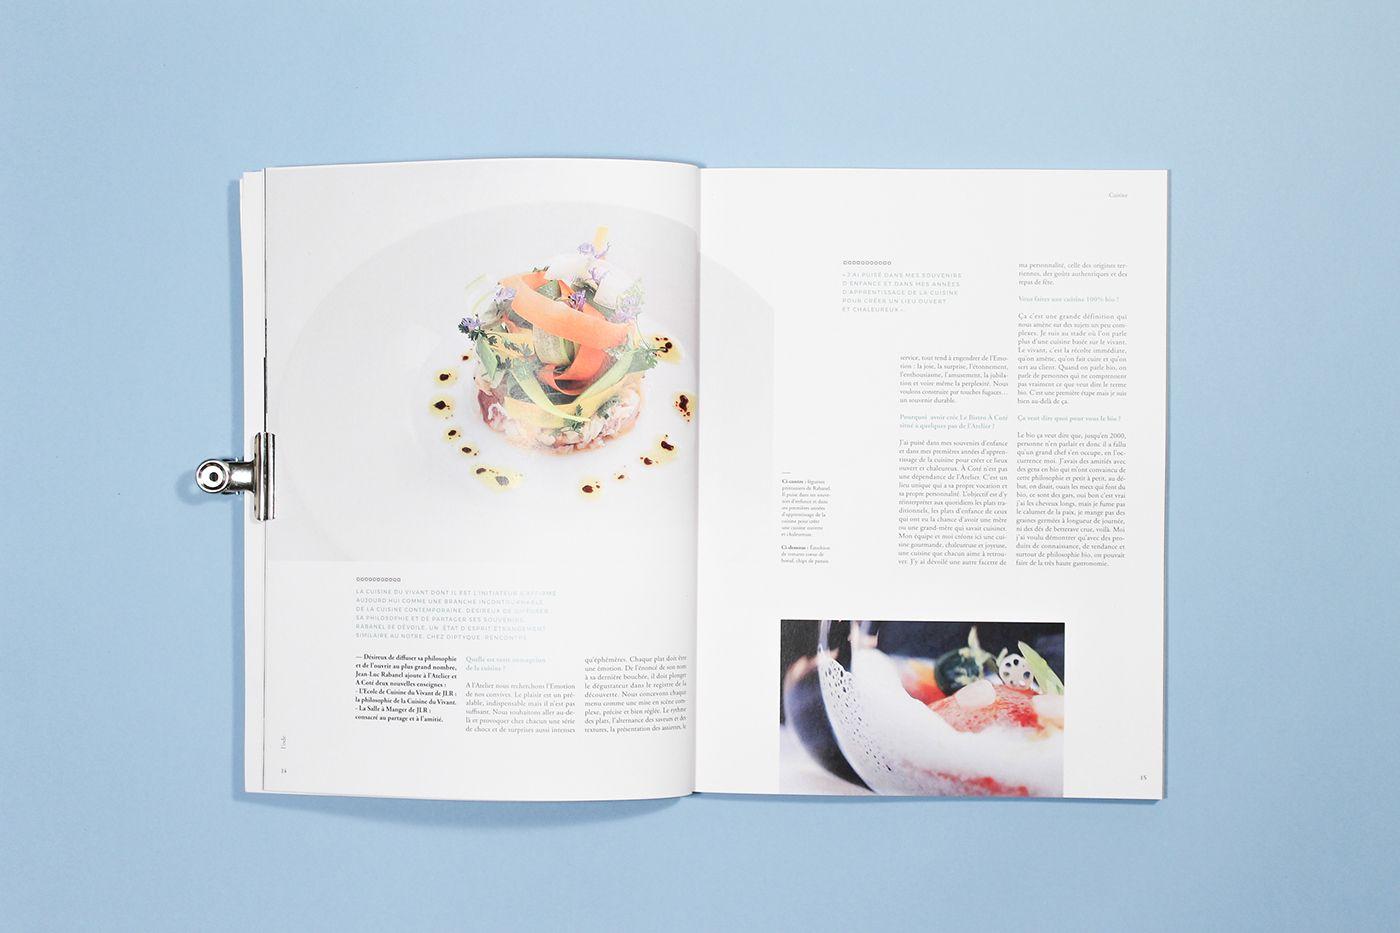 l'ode magazine - diptyque on Behance